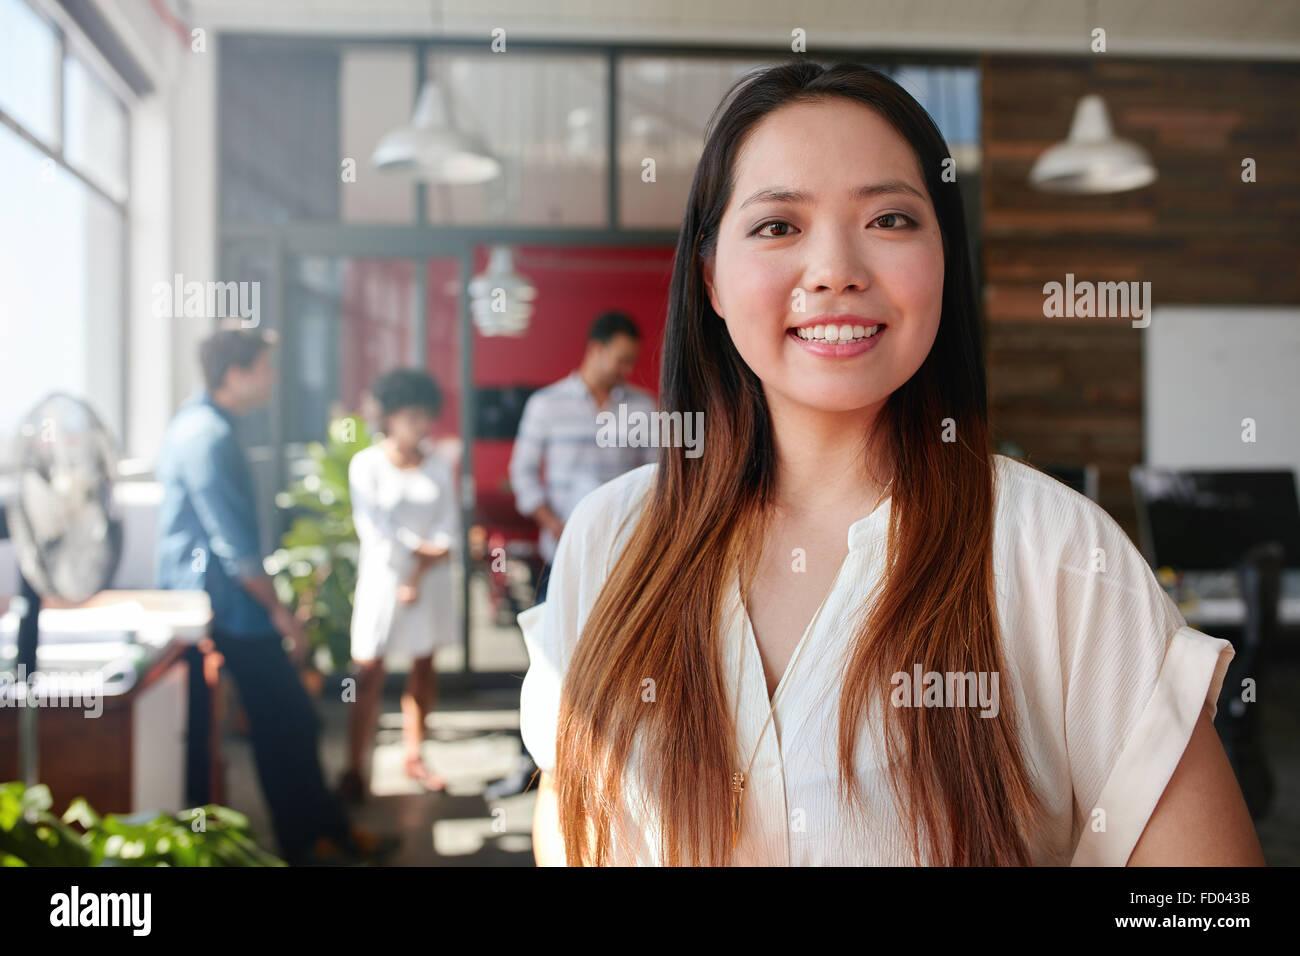 Smiling young businesswoman looking at camera et ses collègues sont debout dans l'arrière-plan. Jeune femme d'origine asiatique creative pro Banque D'Images